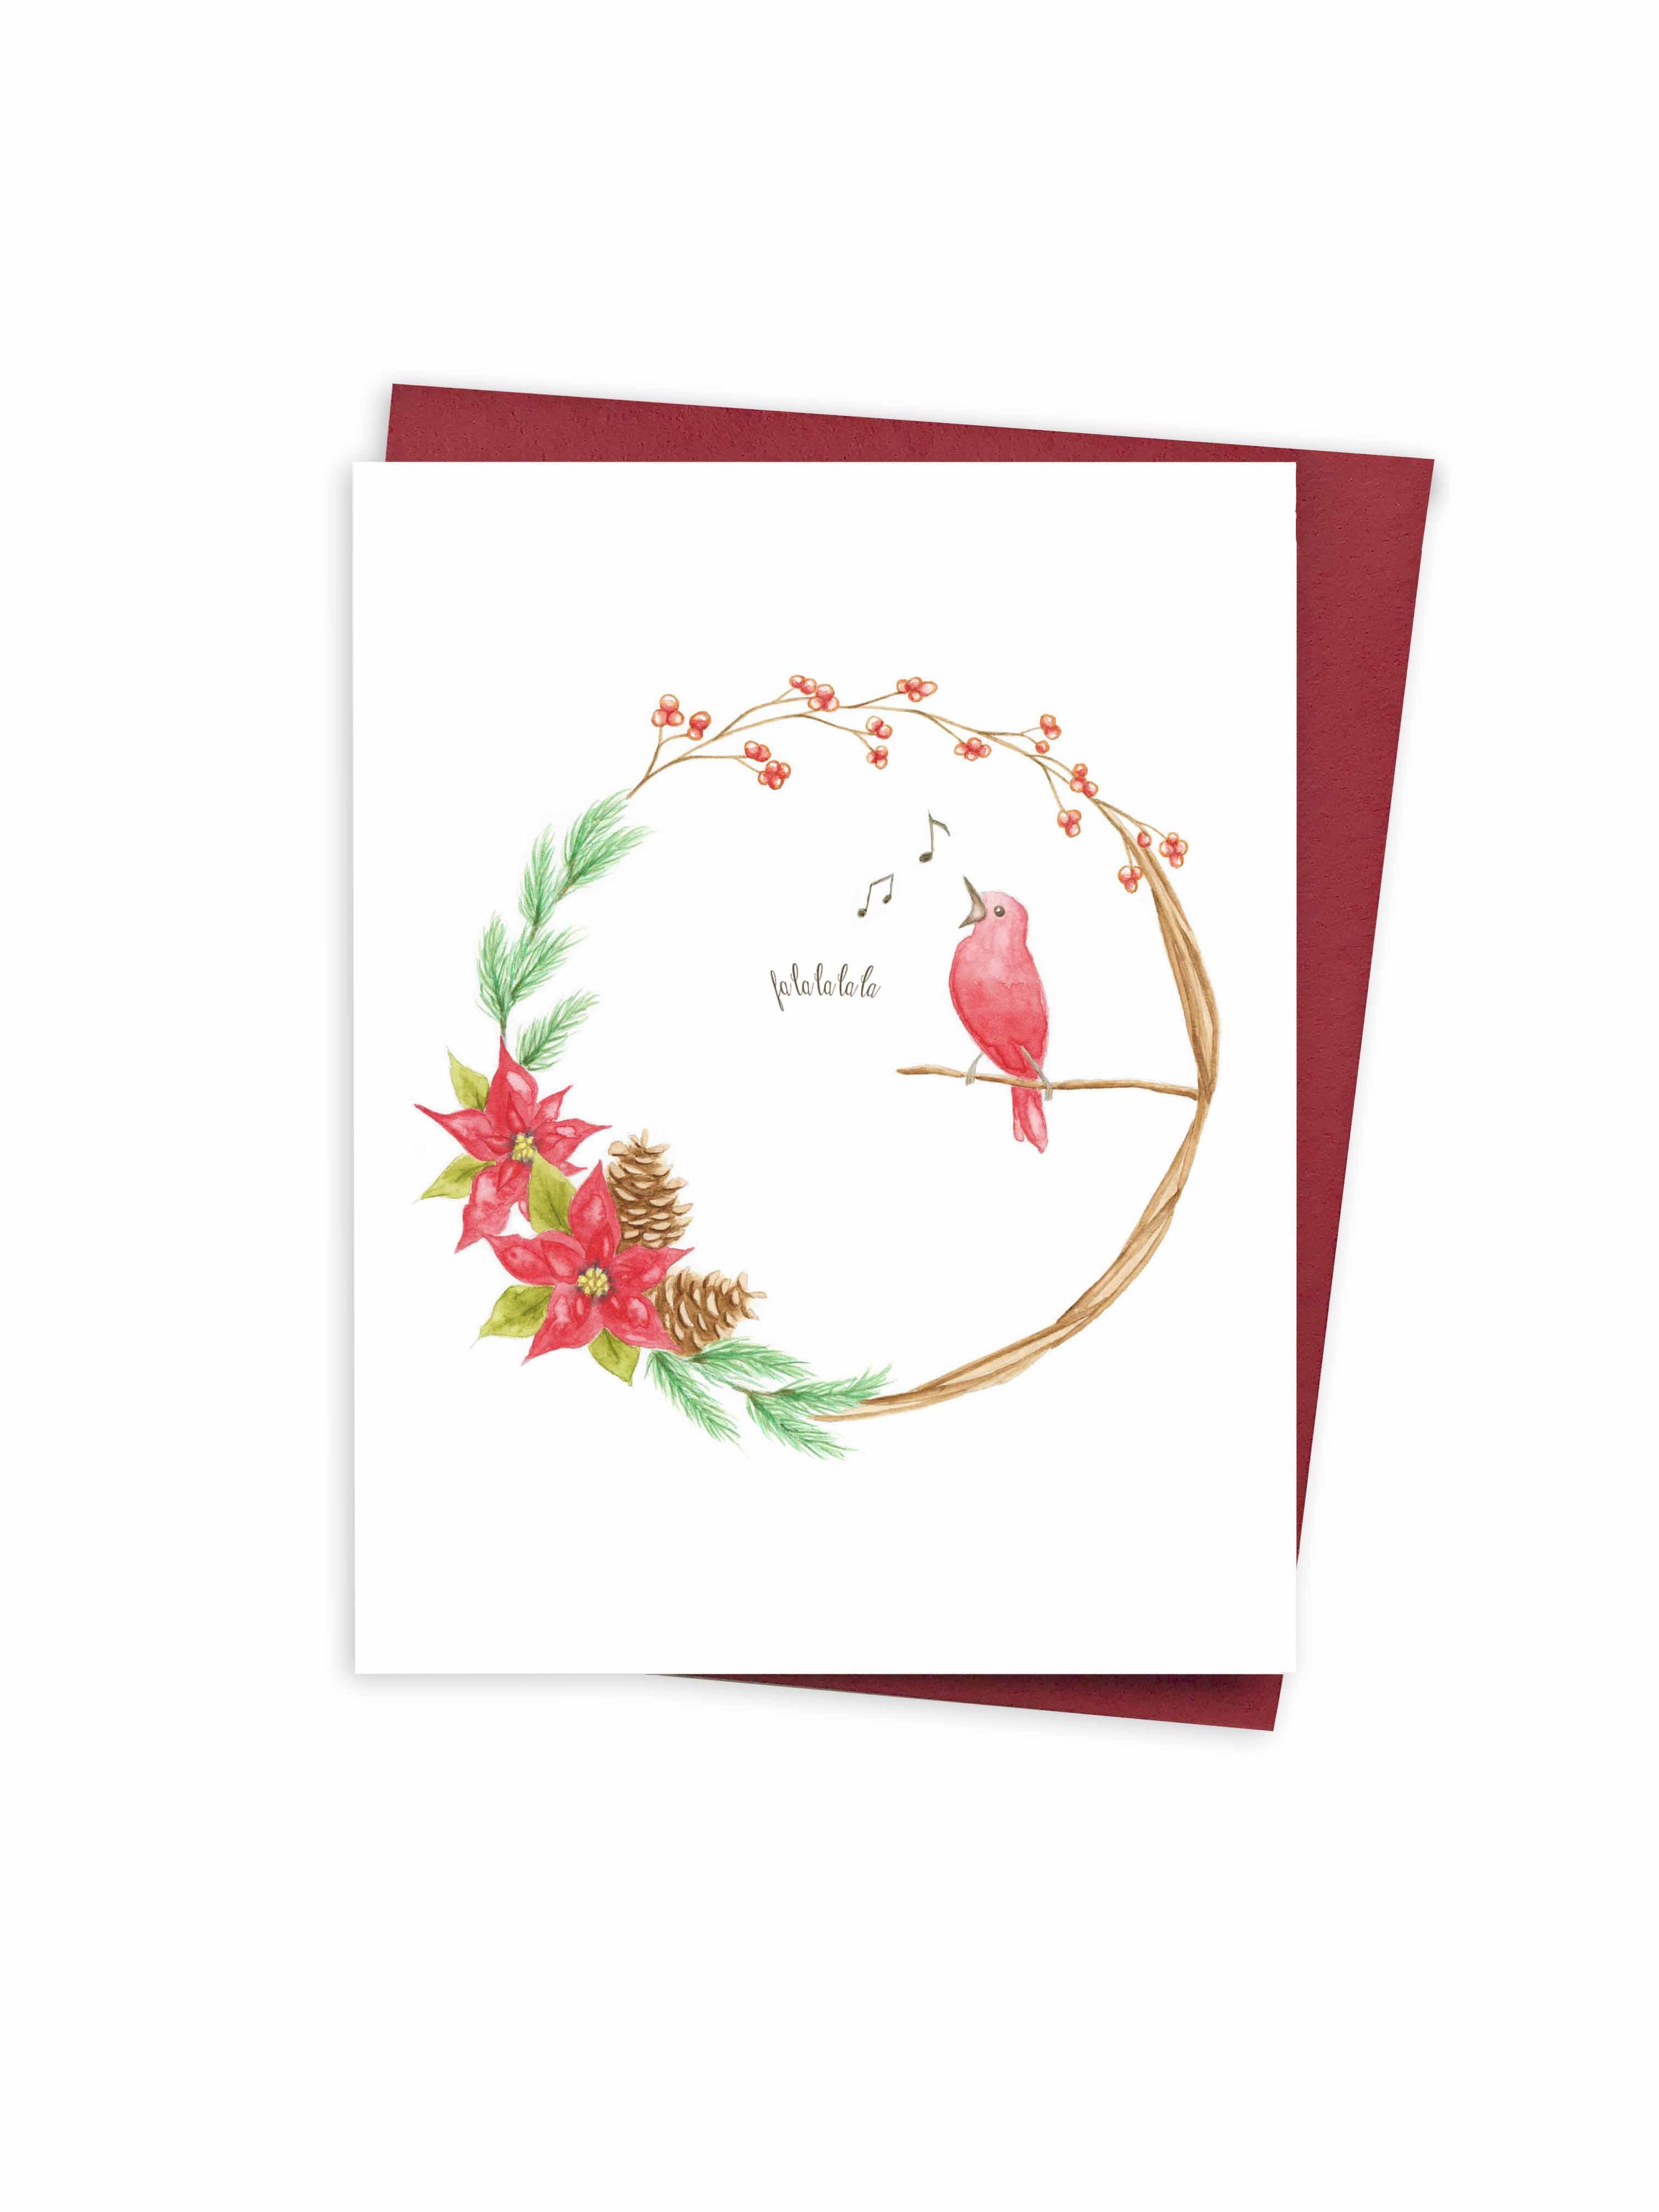 Christmas - Wreath & bird